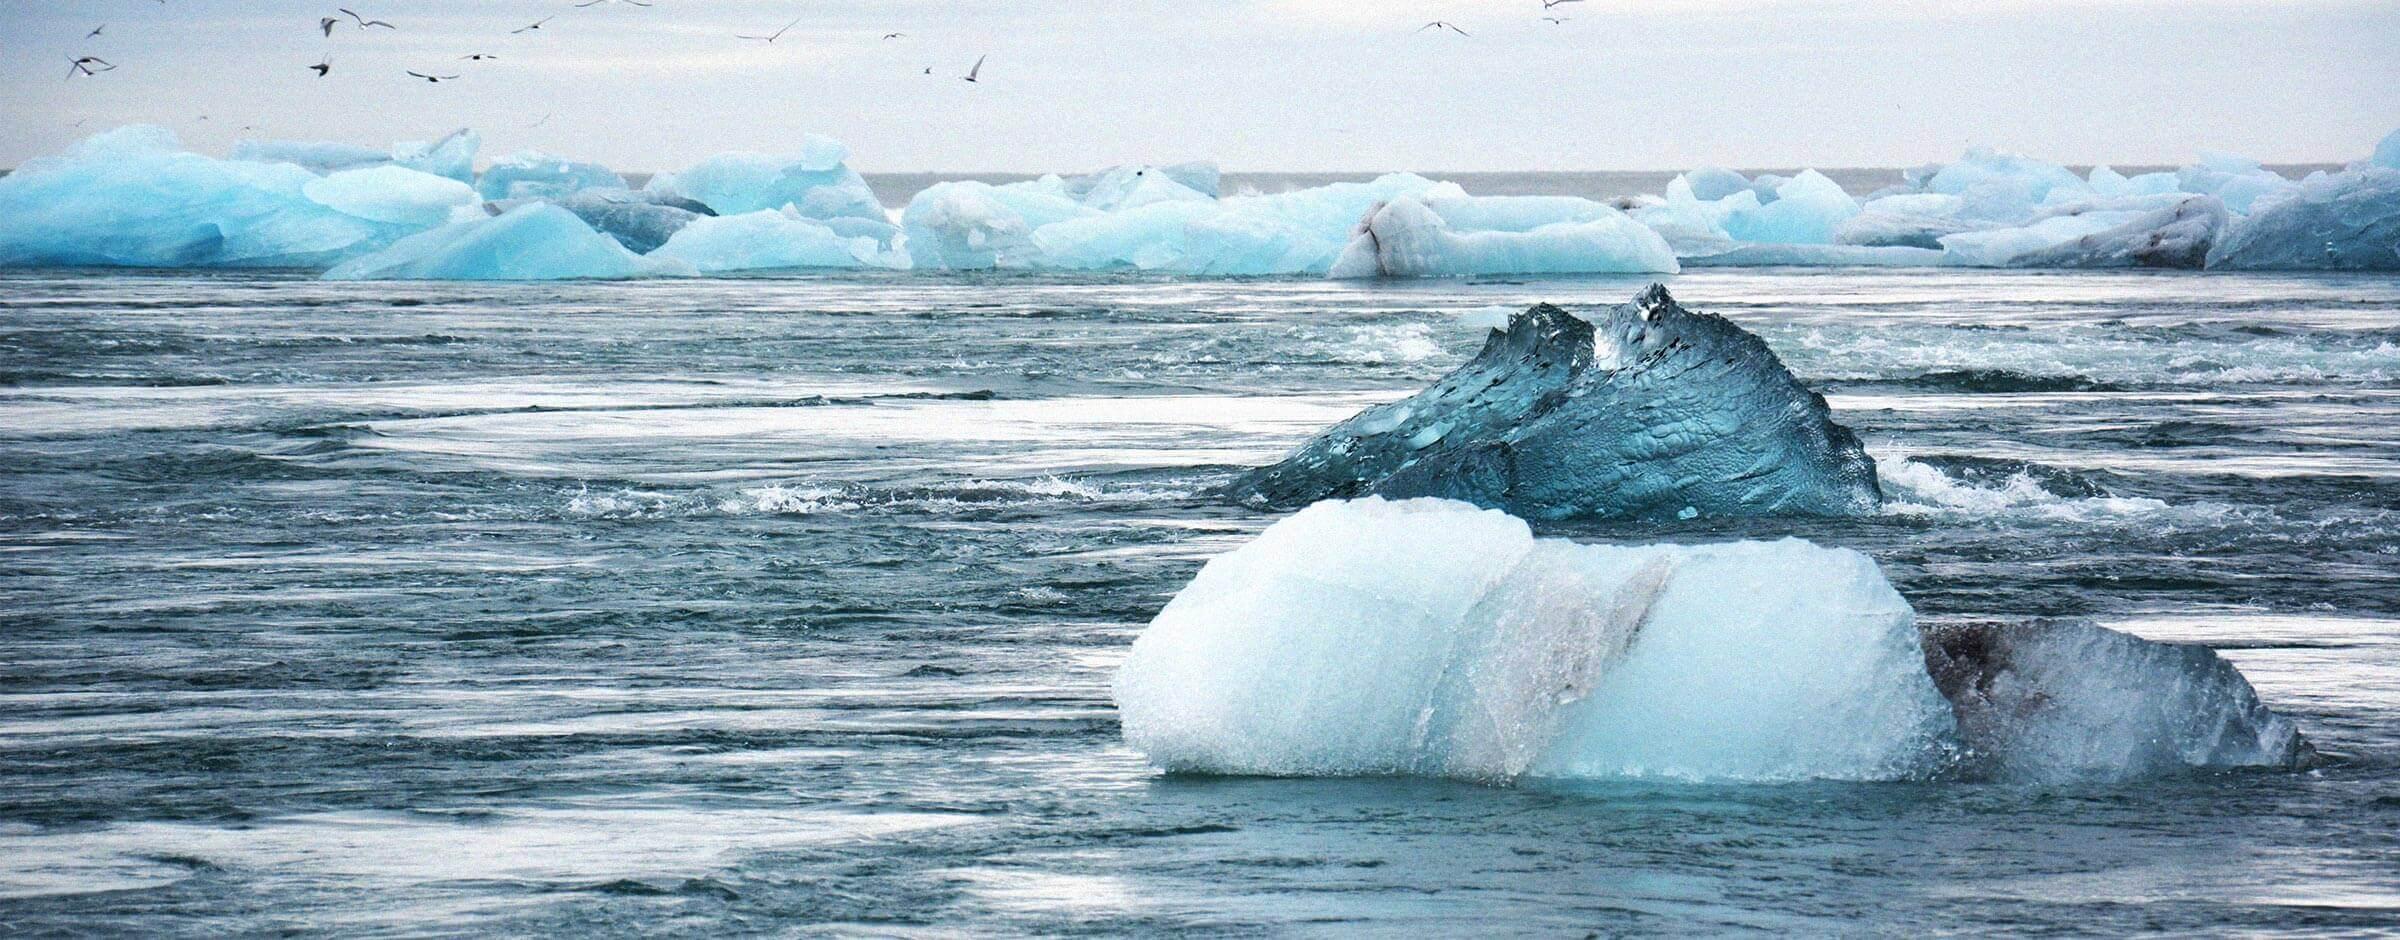 investigamos para conocer los efectos del cambio climático en el océano, la costa y los recursos marinos